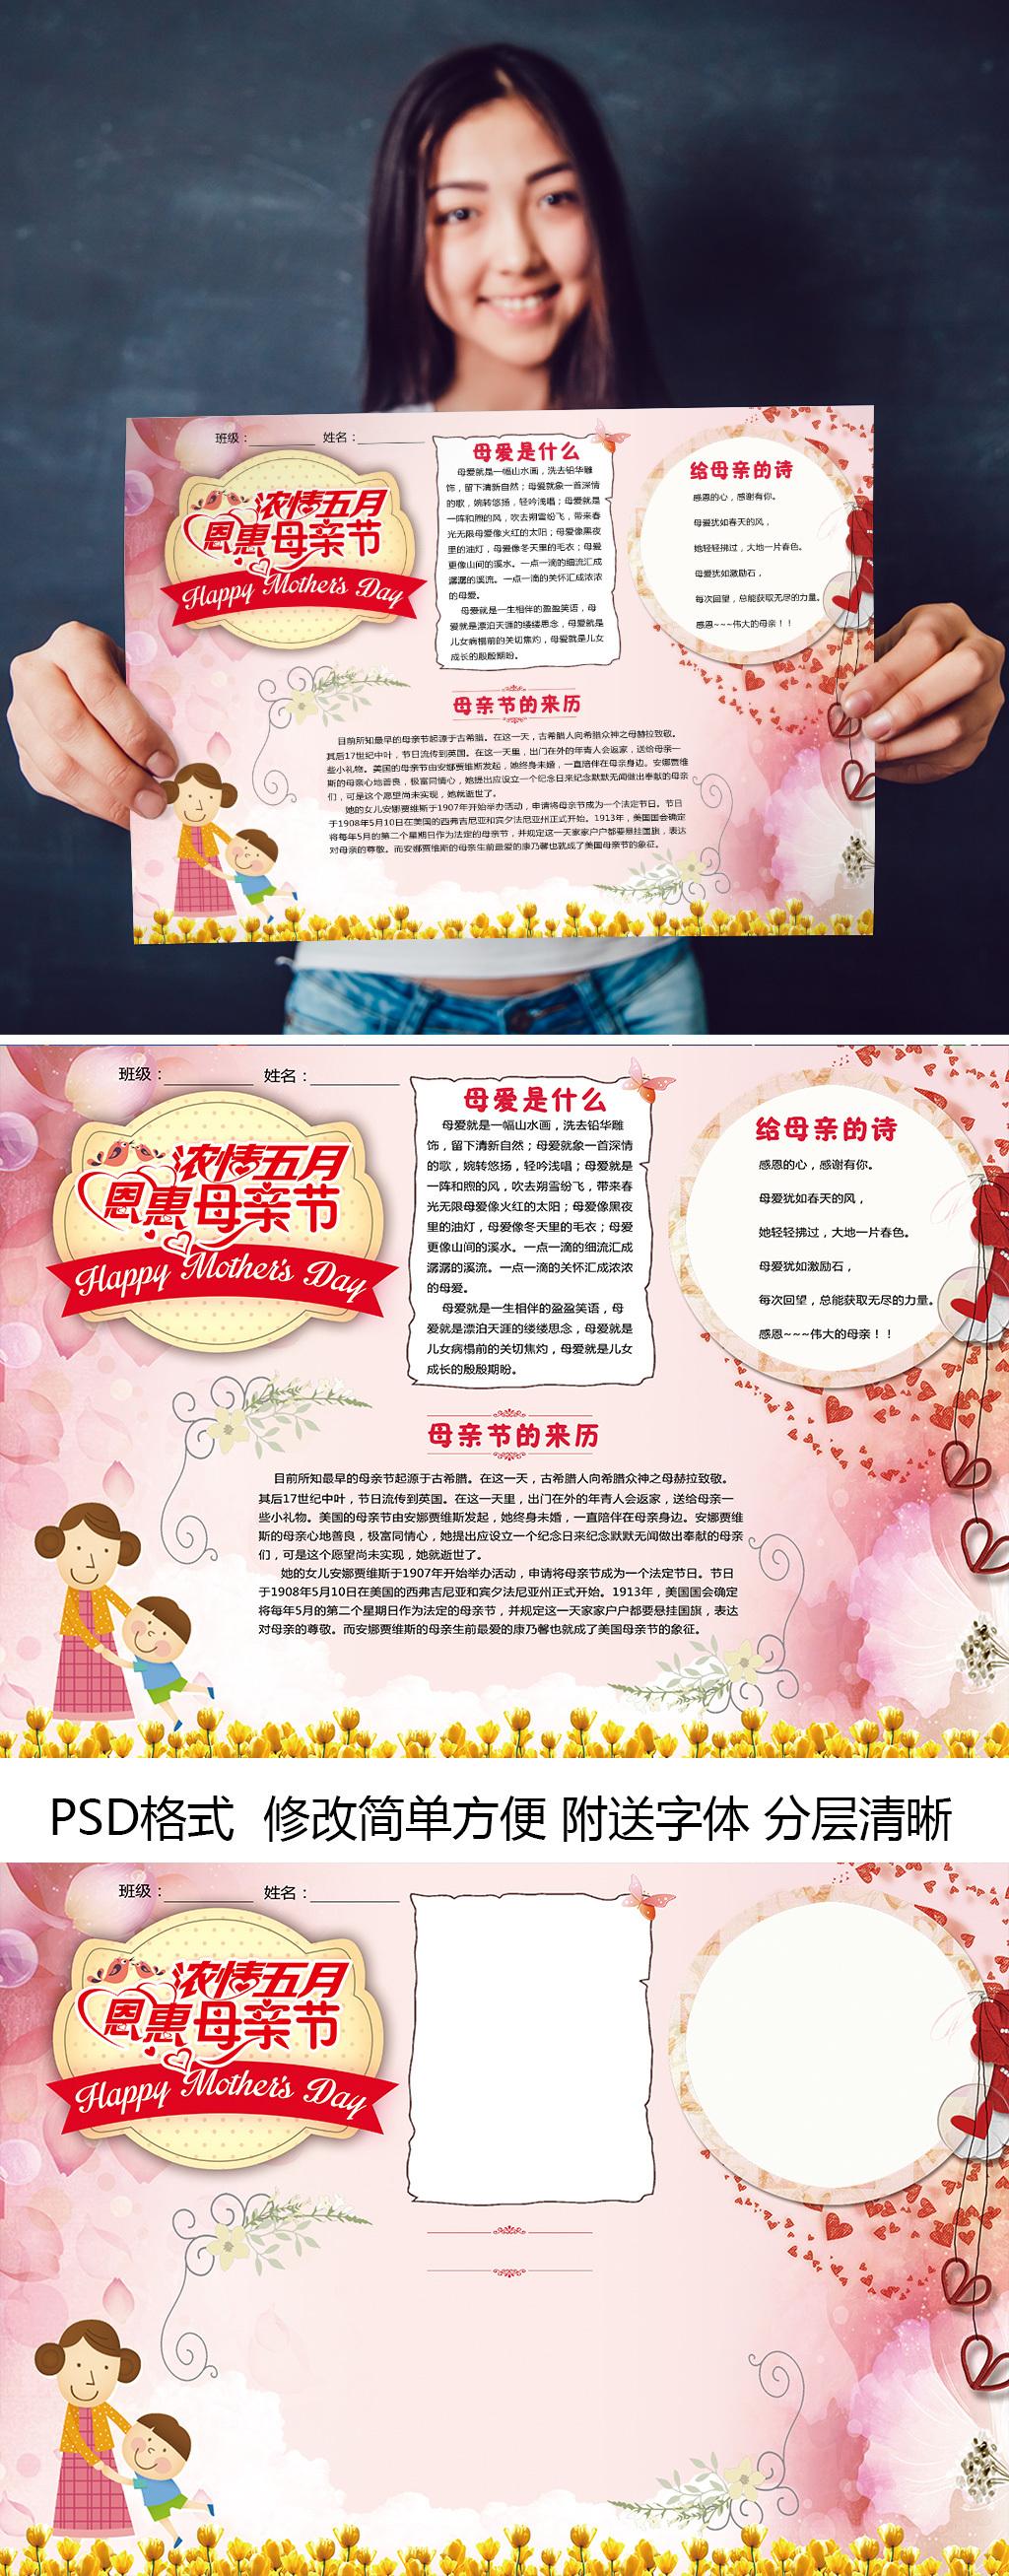 母亲节妇女节手抄报感恩文明板报模板图片